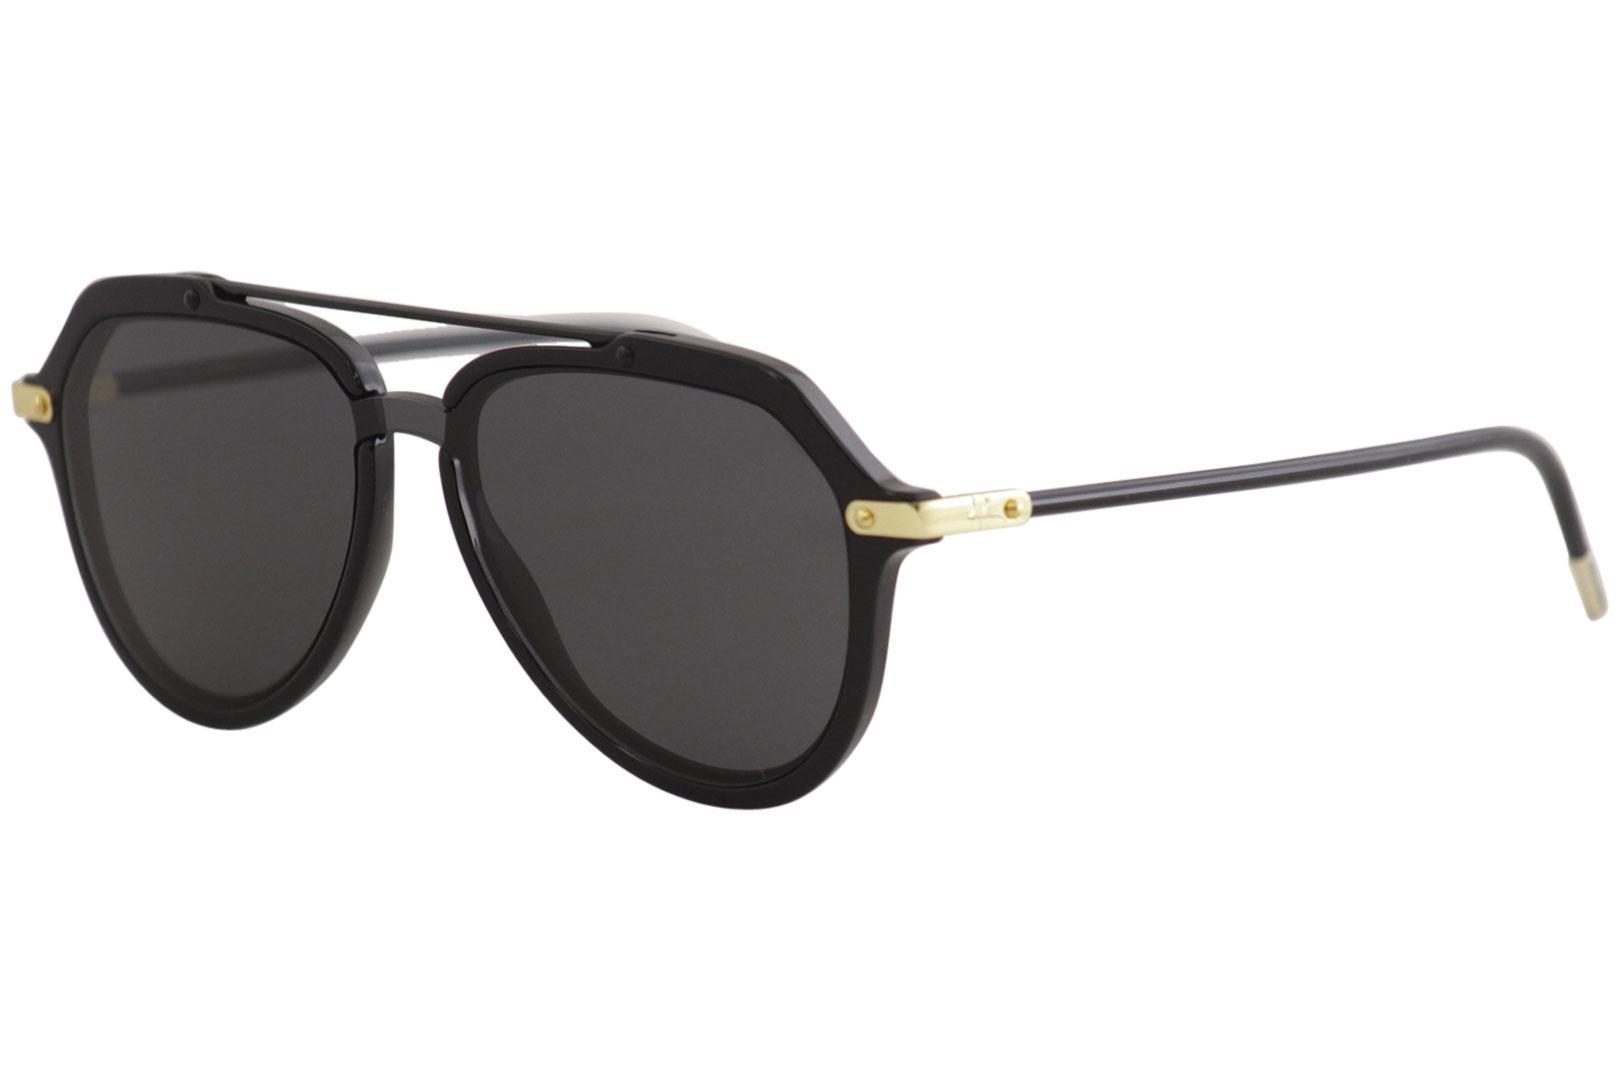 cc2d7c904250 Dolce   Gabbana Women s D G DG4330 DG 4330 Fashion Pilot Sunglasses